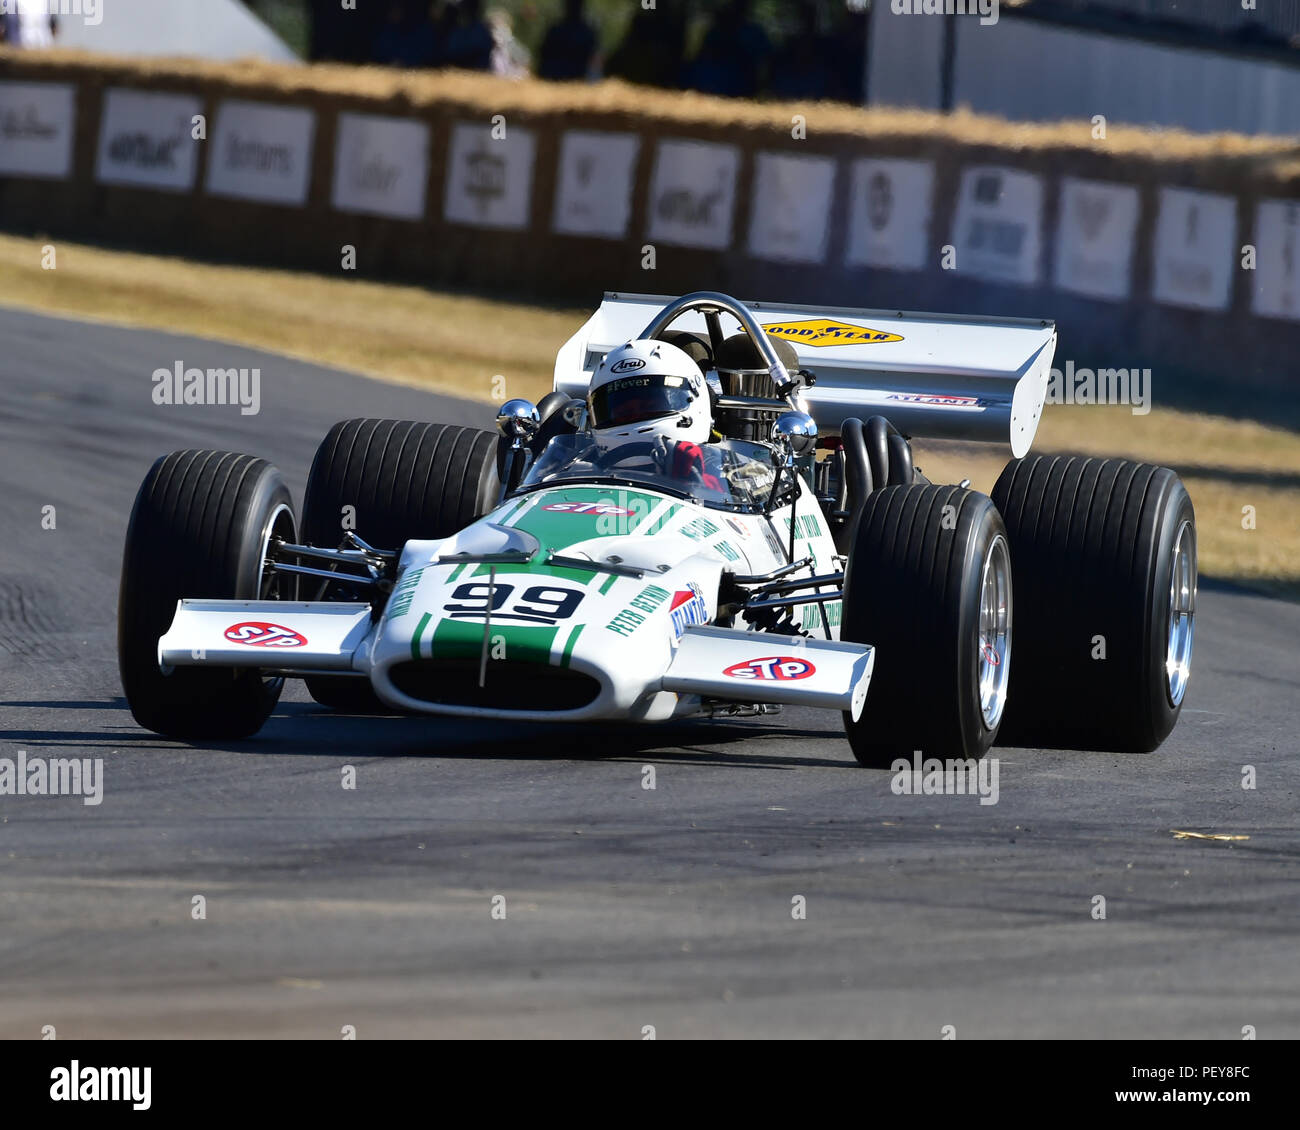 a05878ba5d8 Derek Bell, Mark Longmore, McLaren-Chevrolet M10B, Americana, Festival of  Speed - The Silver Jubilee, Goodwood Festival of Speed, 2018, Motorsports,